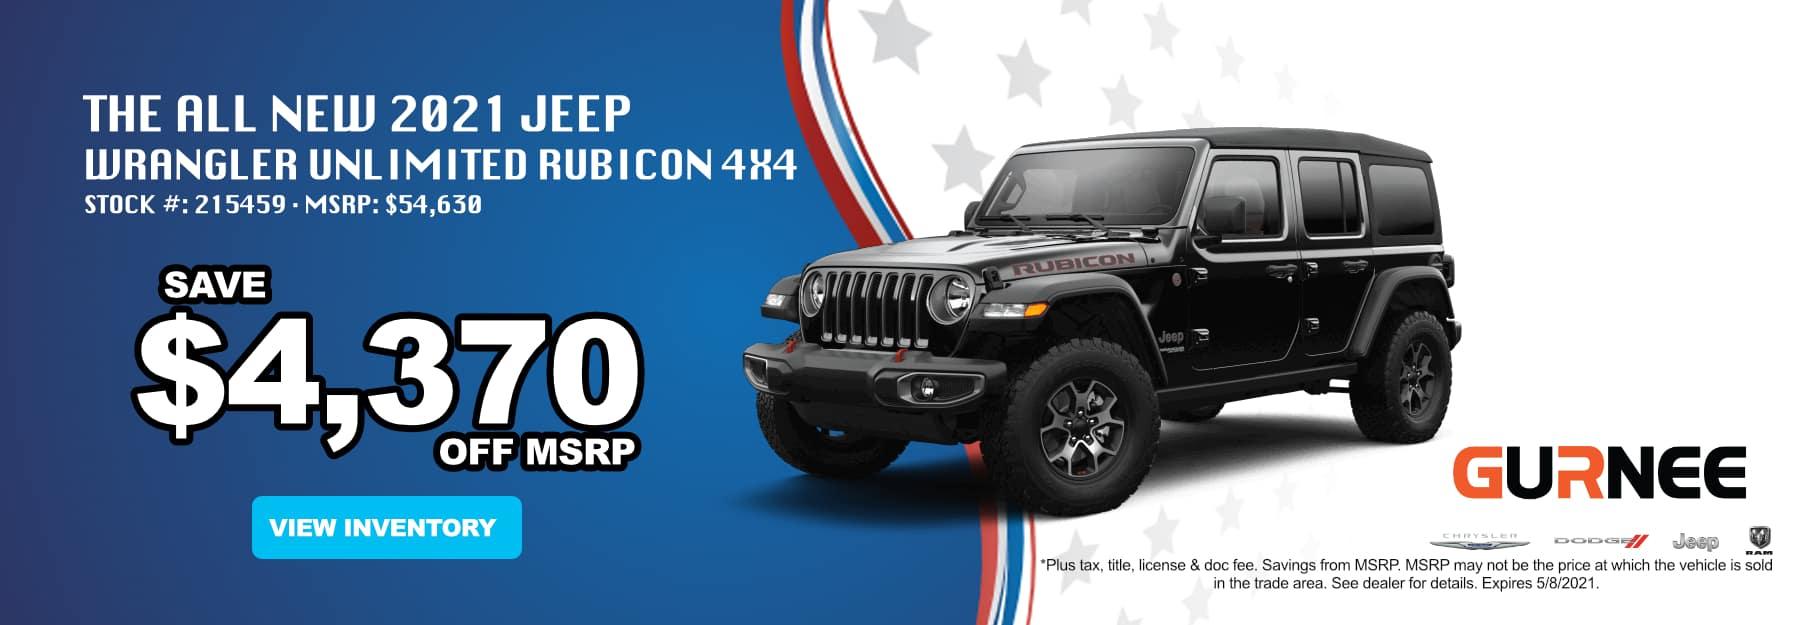 April_2021 Jeep Wrangler_Gurnee